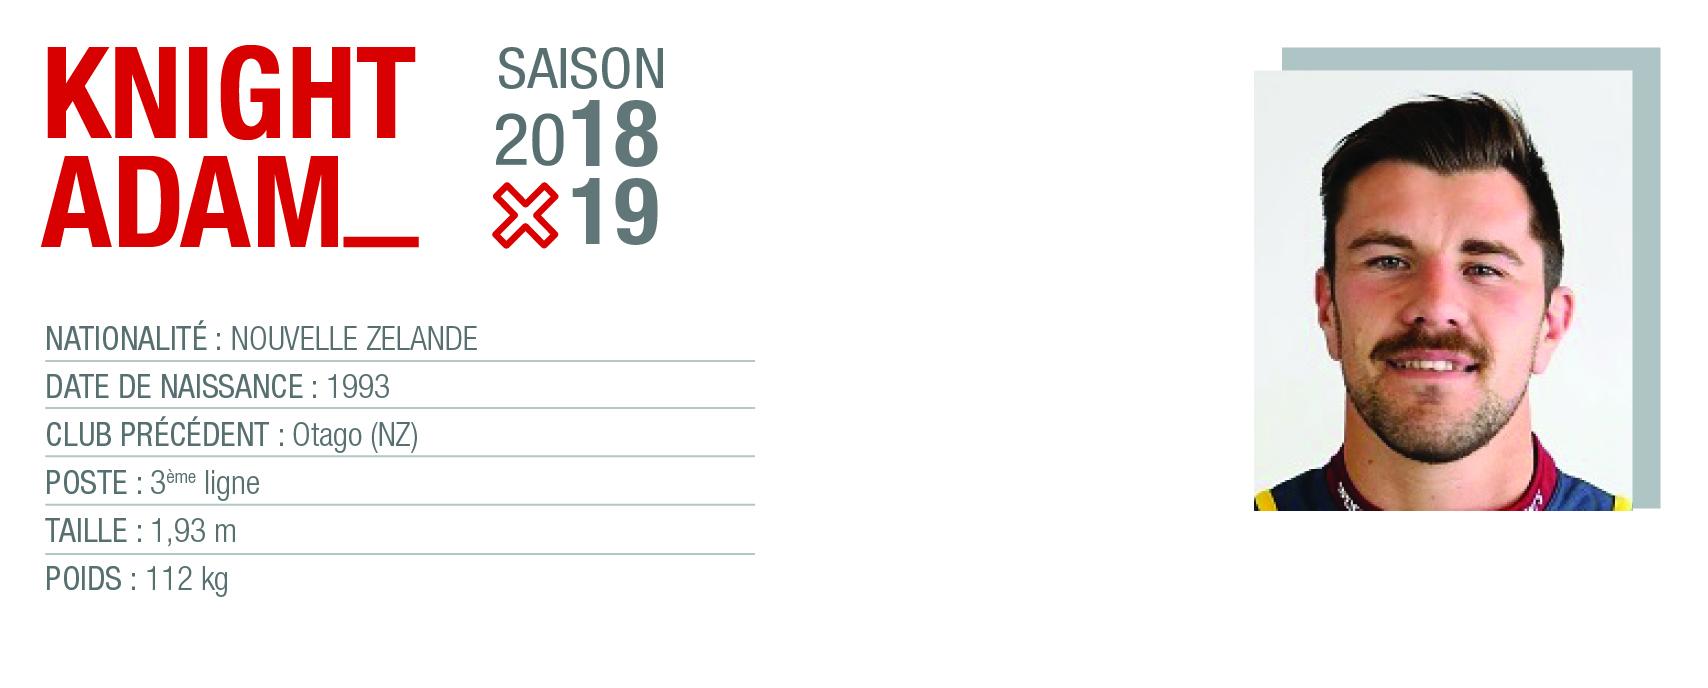 SAISON 2018 - 2019 - Page 2 5b2392d6c8879b674414d1e8